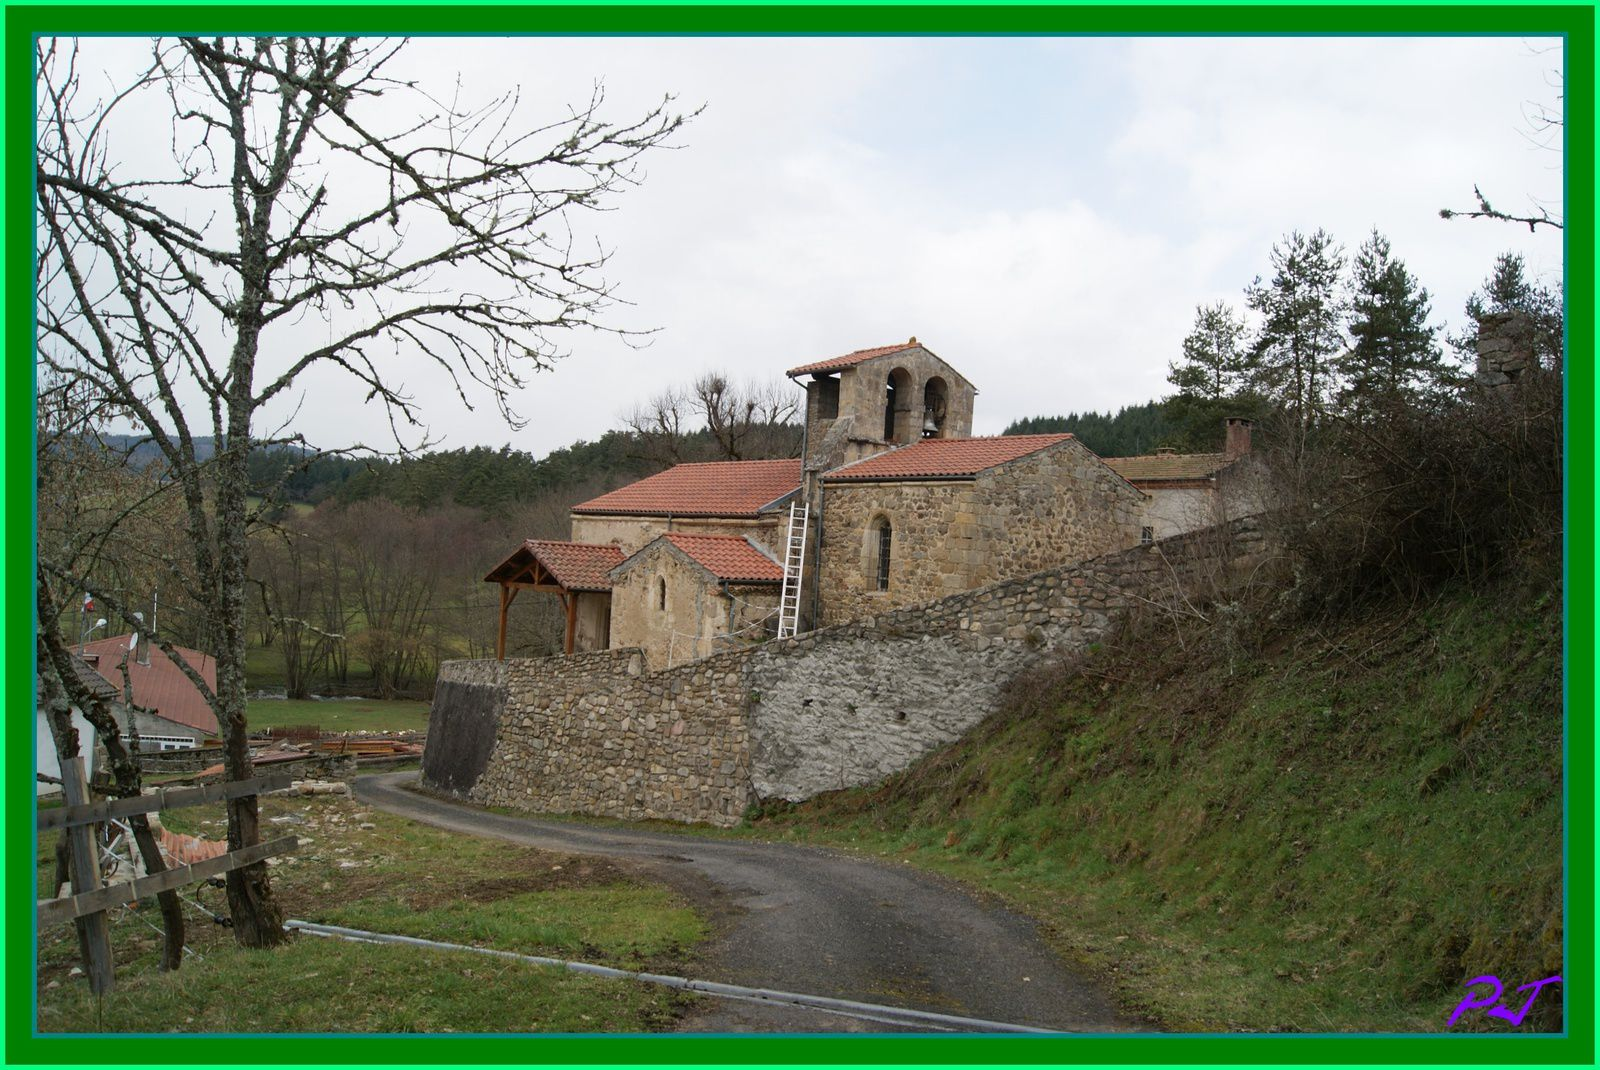 Les villages du Puy de Dome:Valz sous Chateauneuf